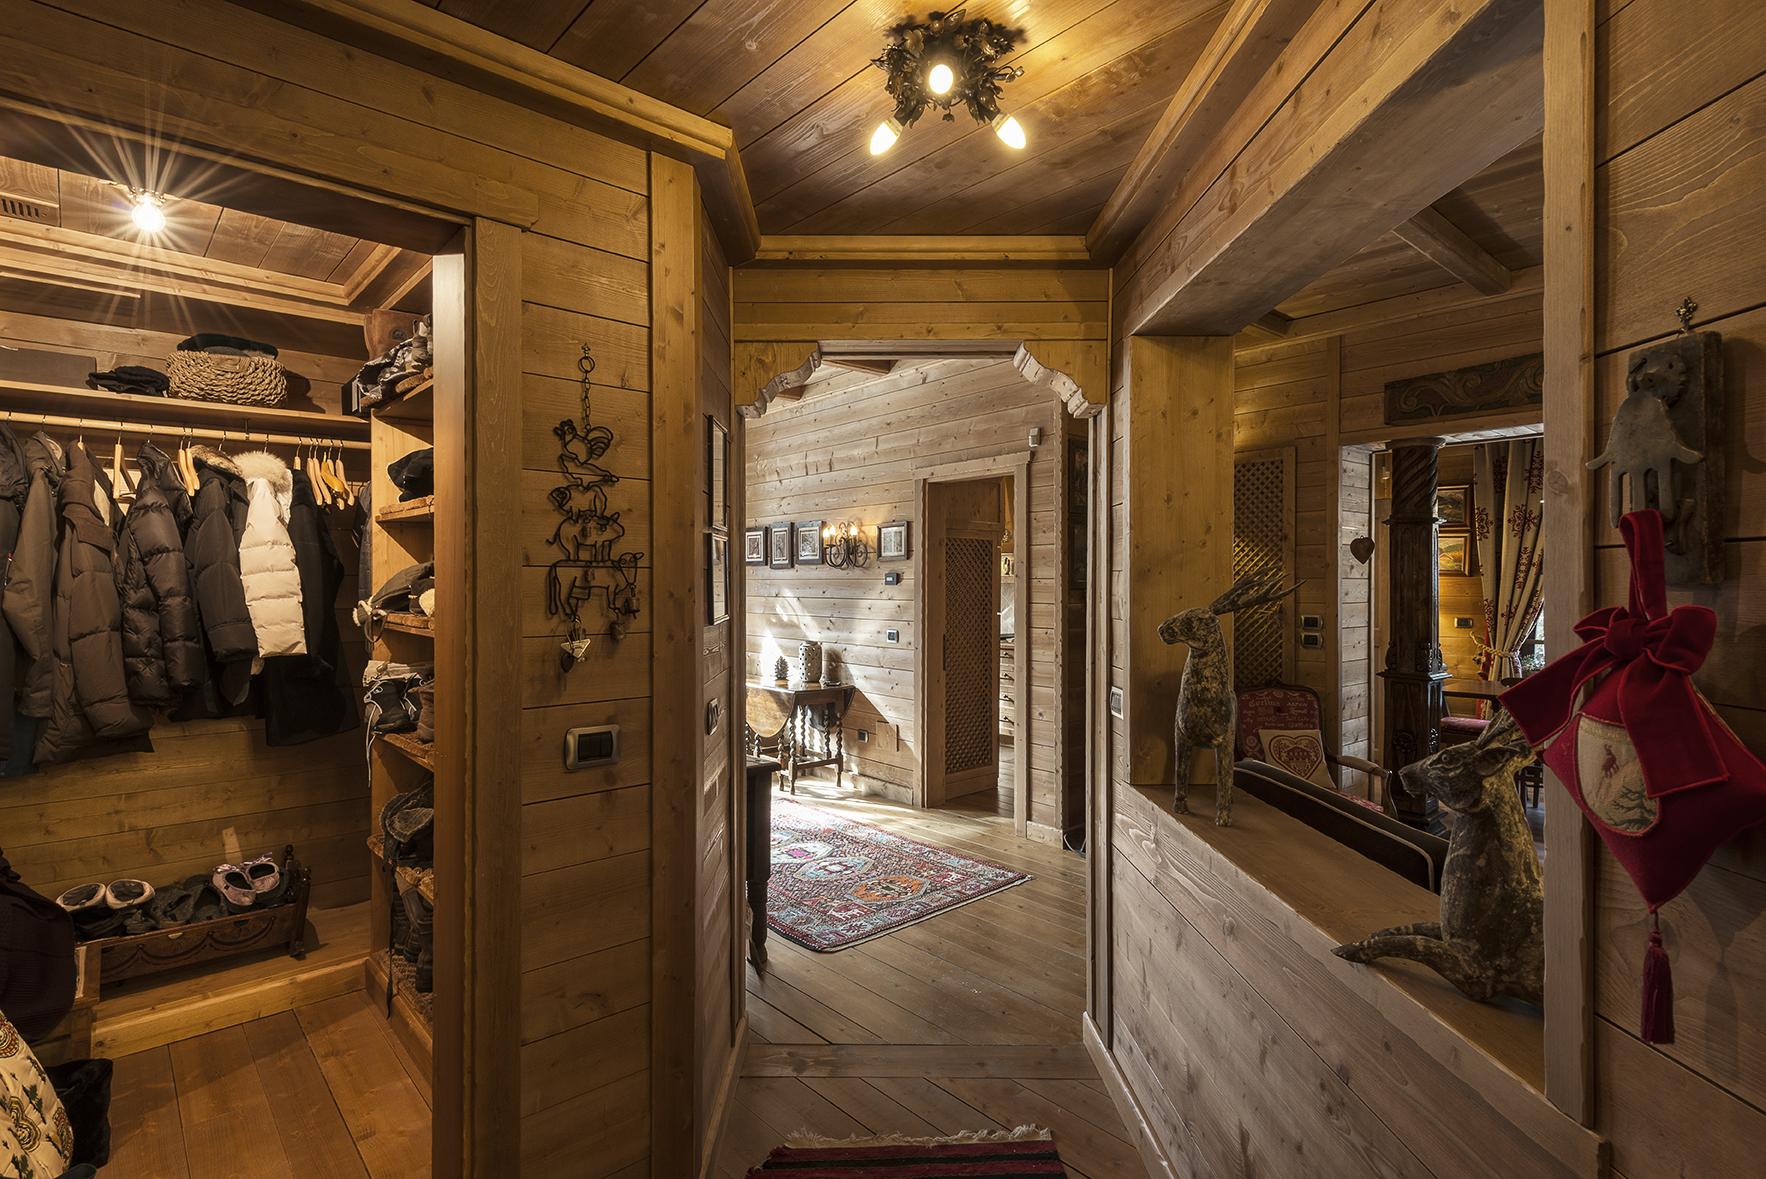 Casa di montagna alessandra formato - Casa di montagna ...